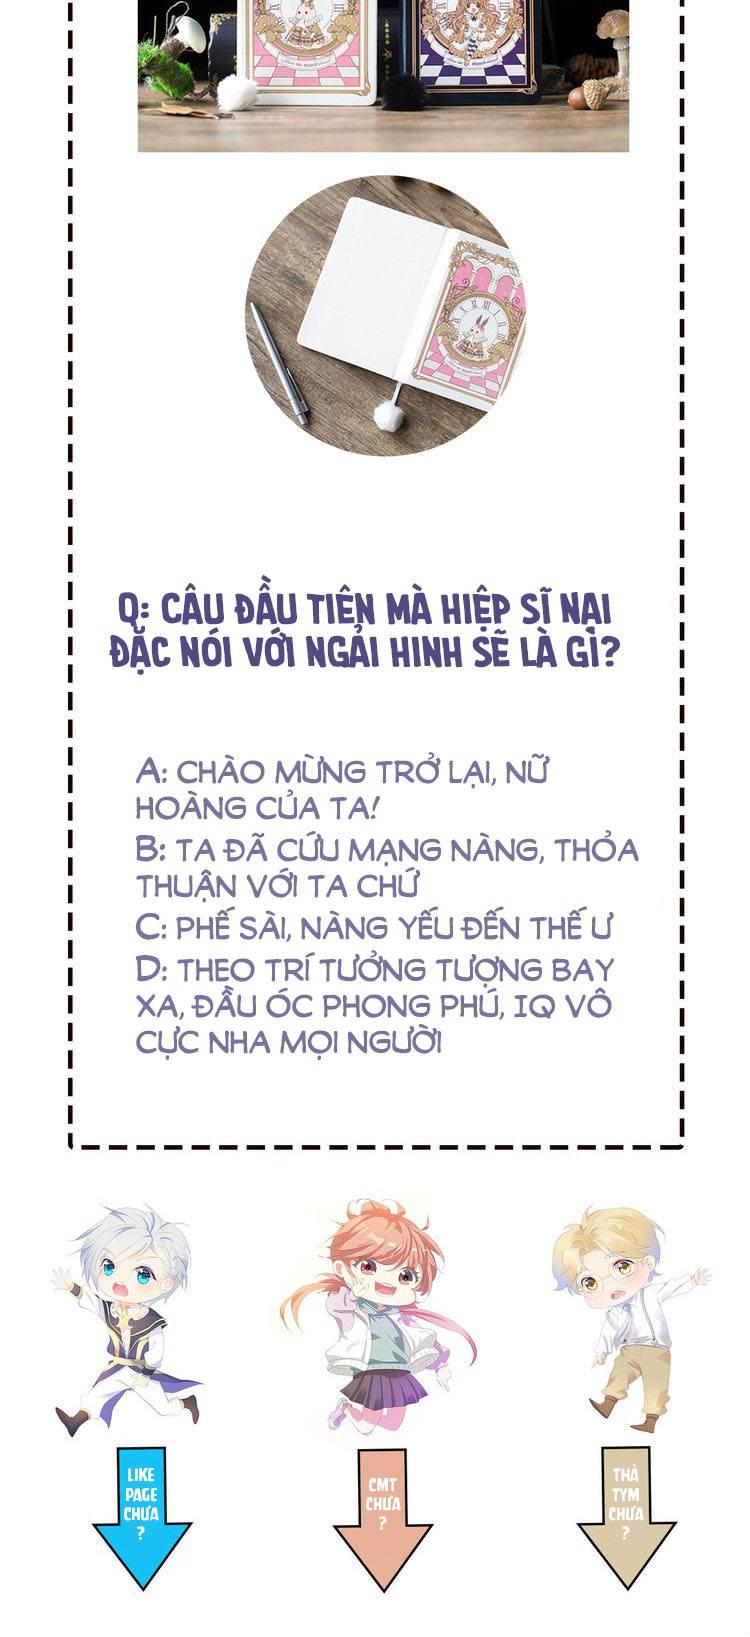 Phế Sài Nữ Vương Kỵ Sĩ Đoàn chap 1 - Trang 81